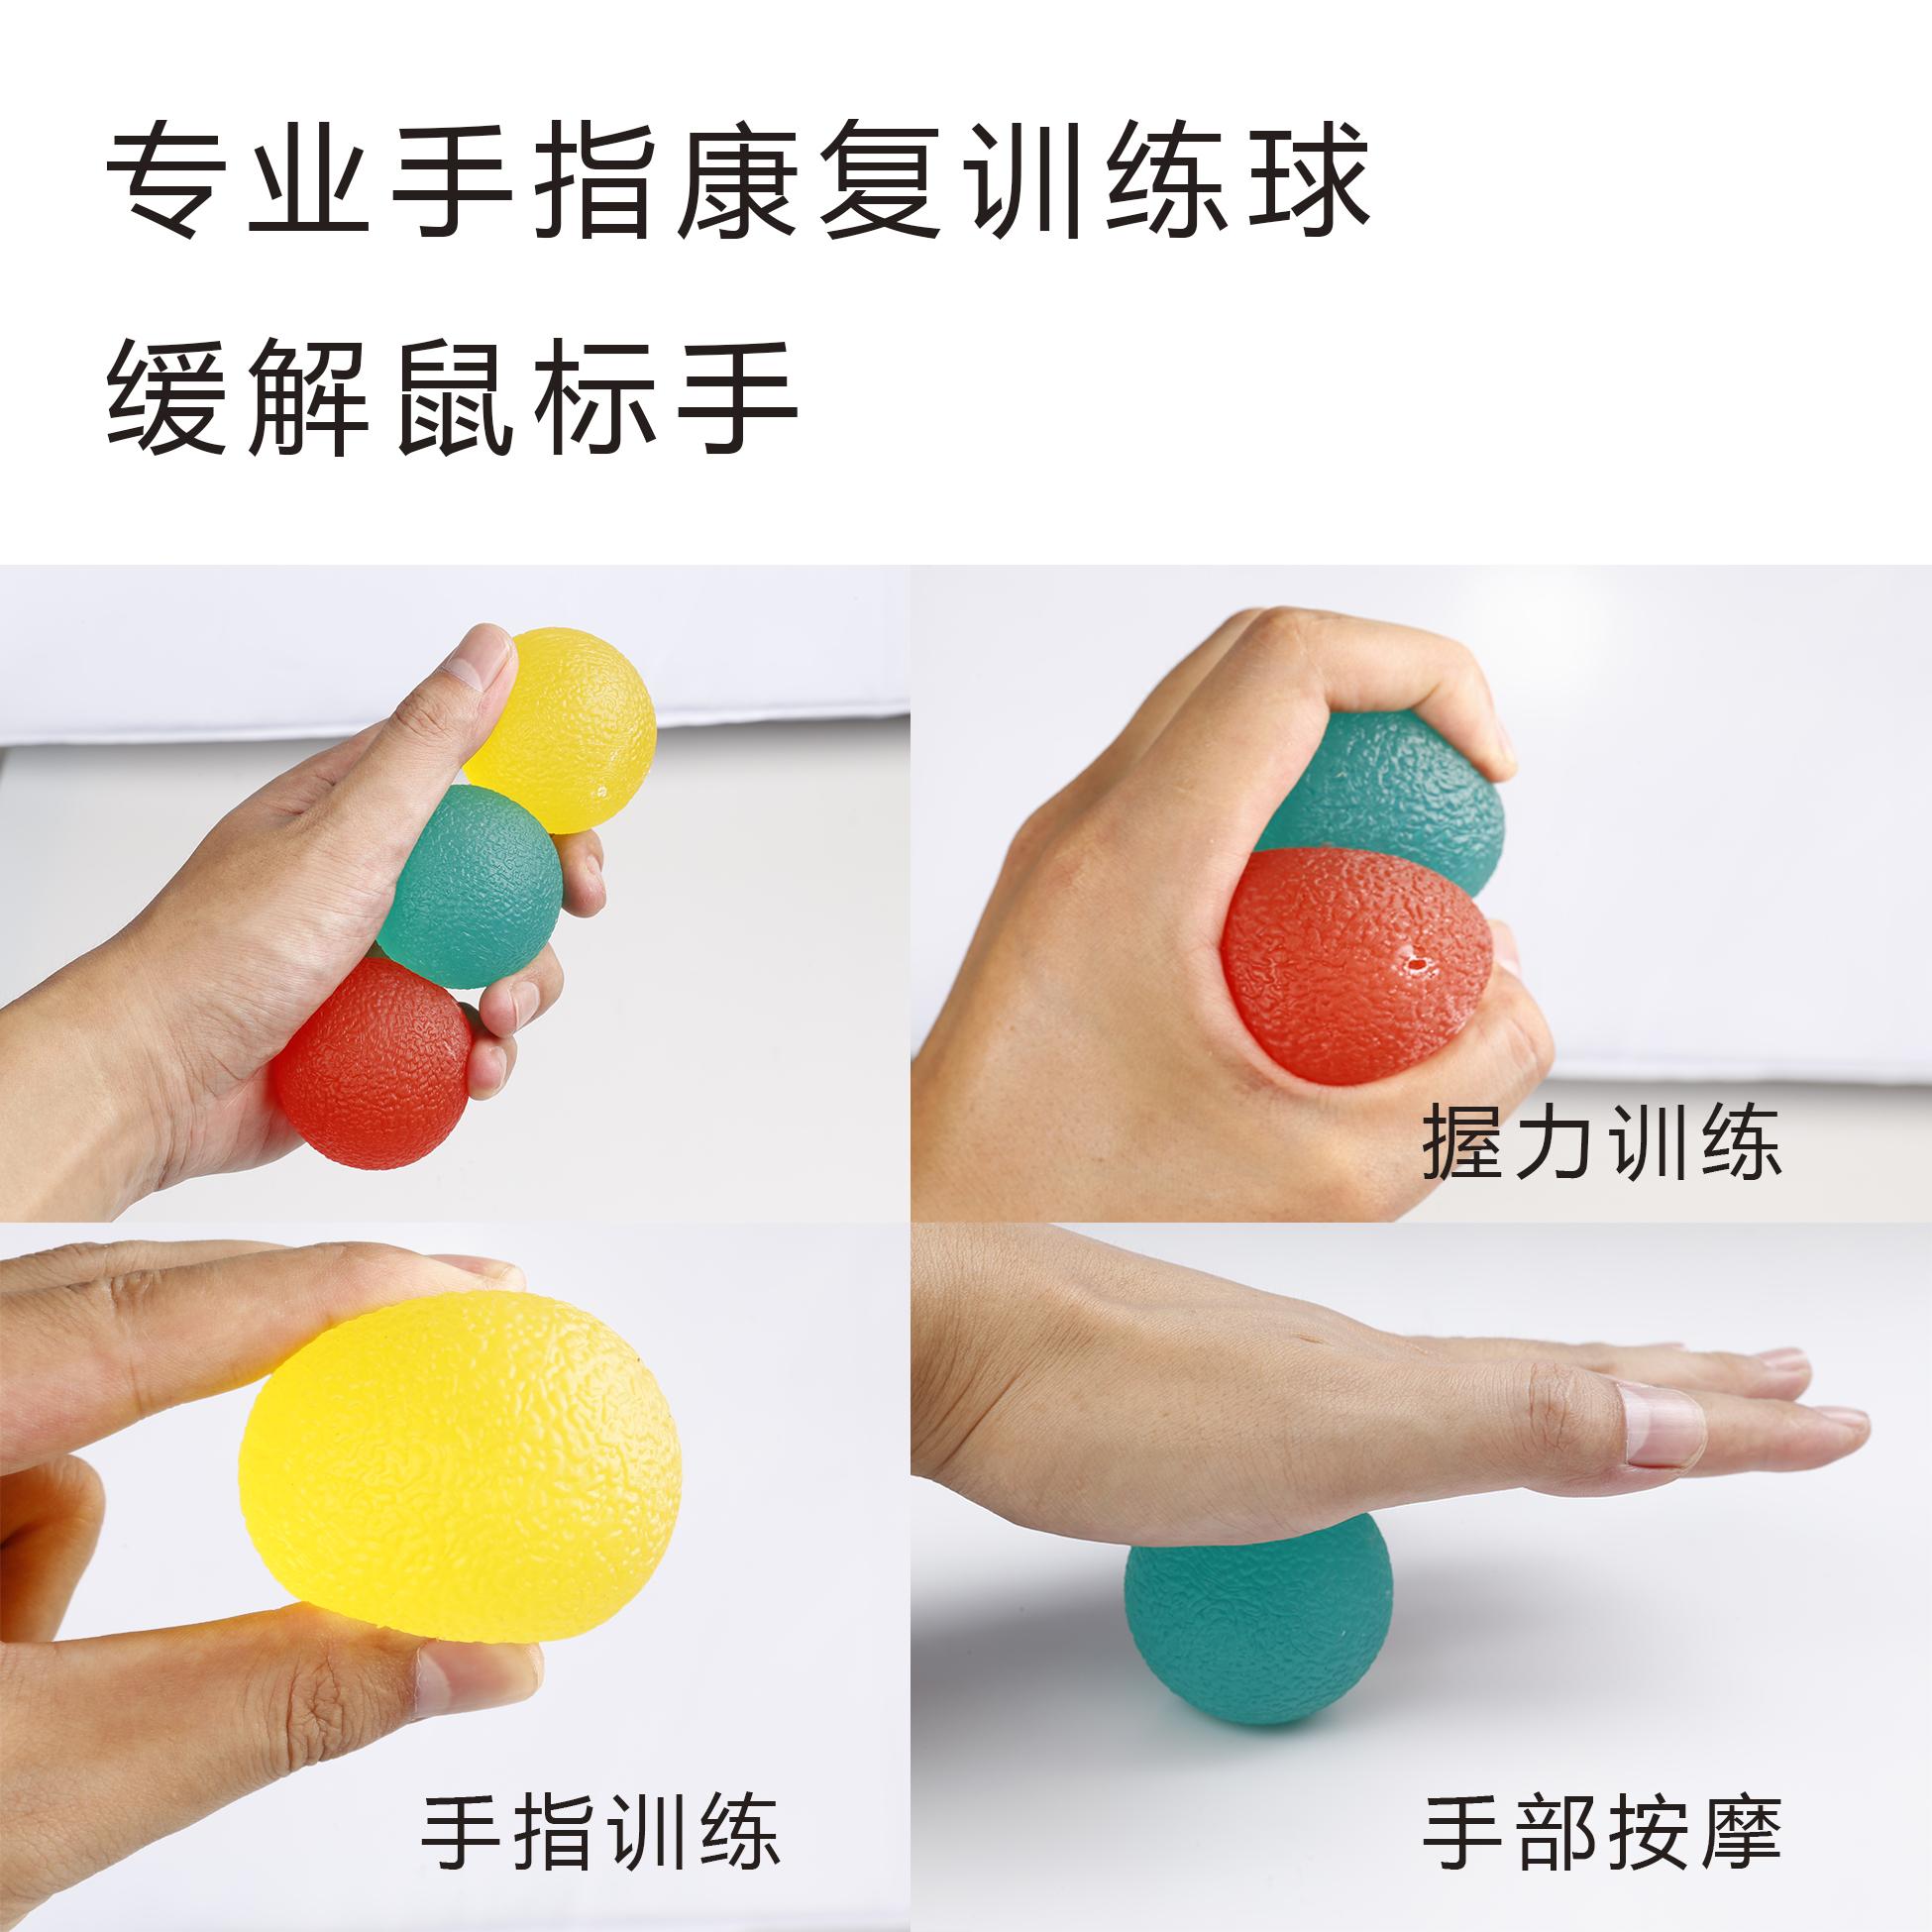 果冻握力球腕力球器手部手指弹力魔力发泄按摩球康复训练鼠标手